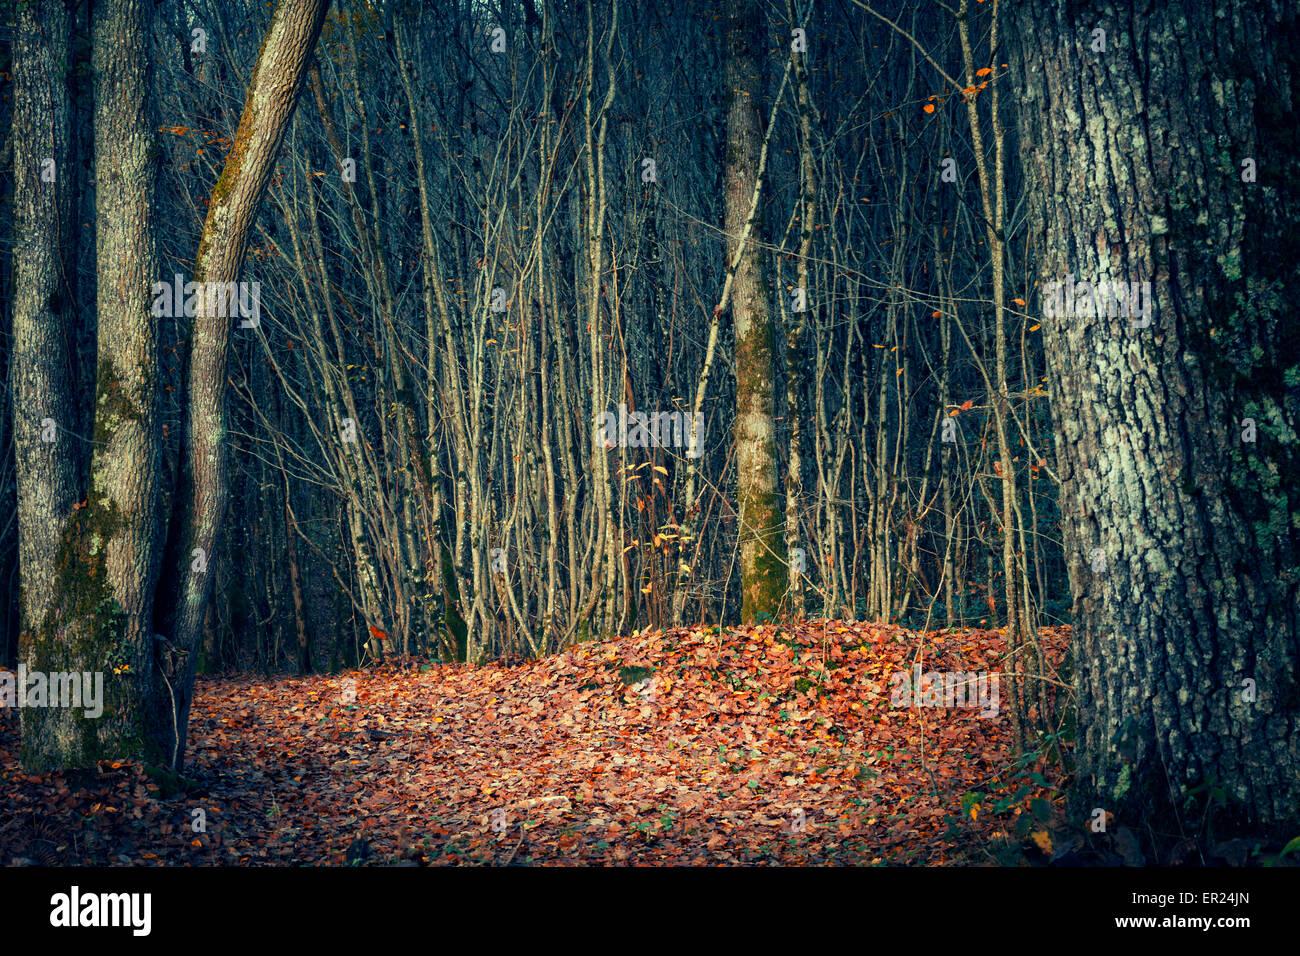 Bosque bosque de árboles de madera de árbol Imagen De Stock